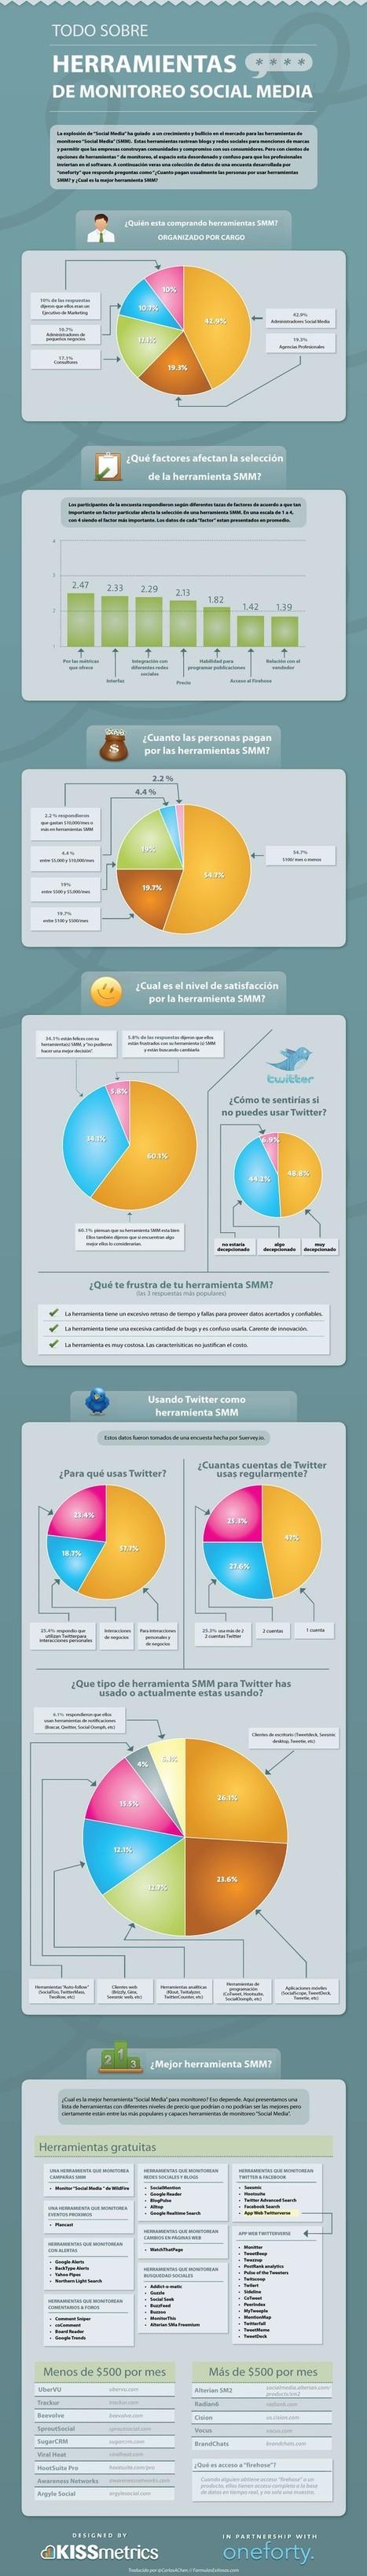 Las mejores herramientas de medición Social Media | Comunicación estratégica | Scoop.it